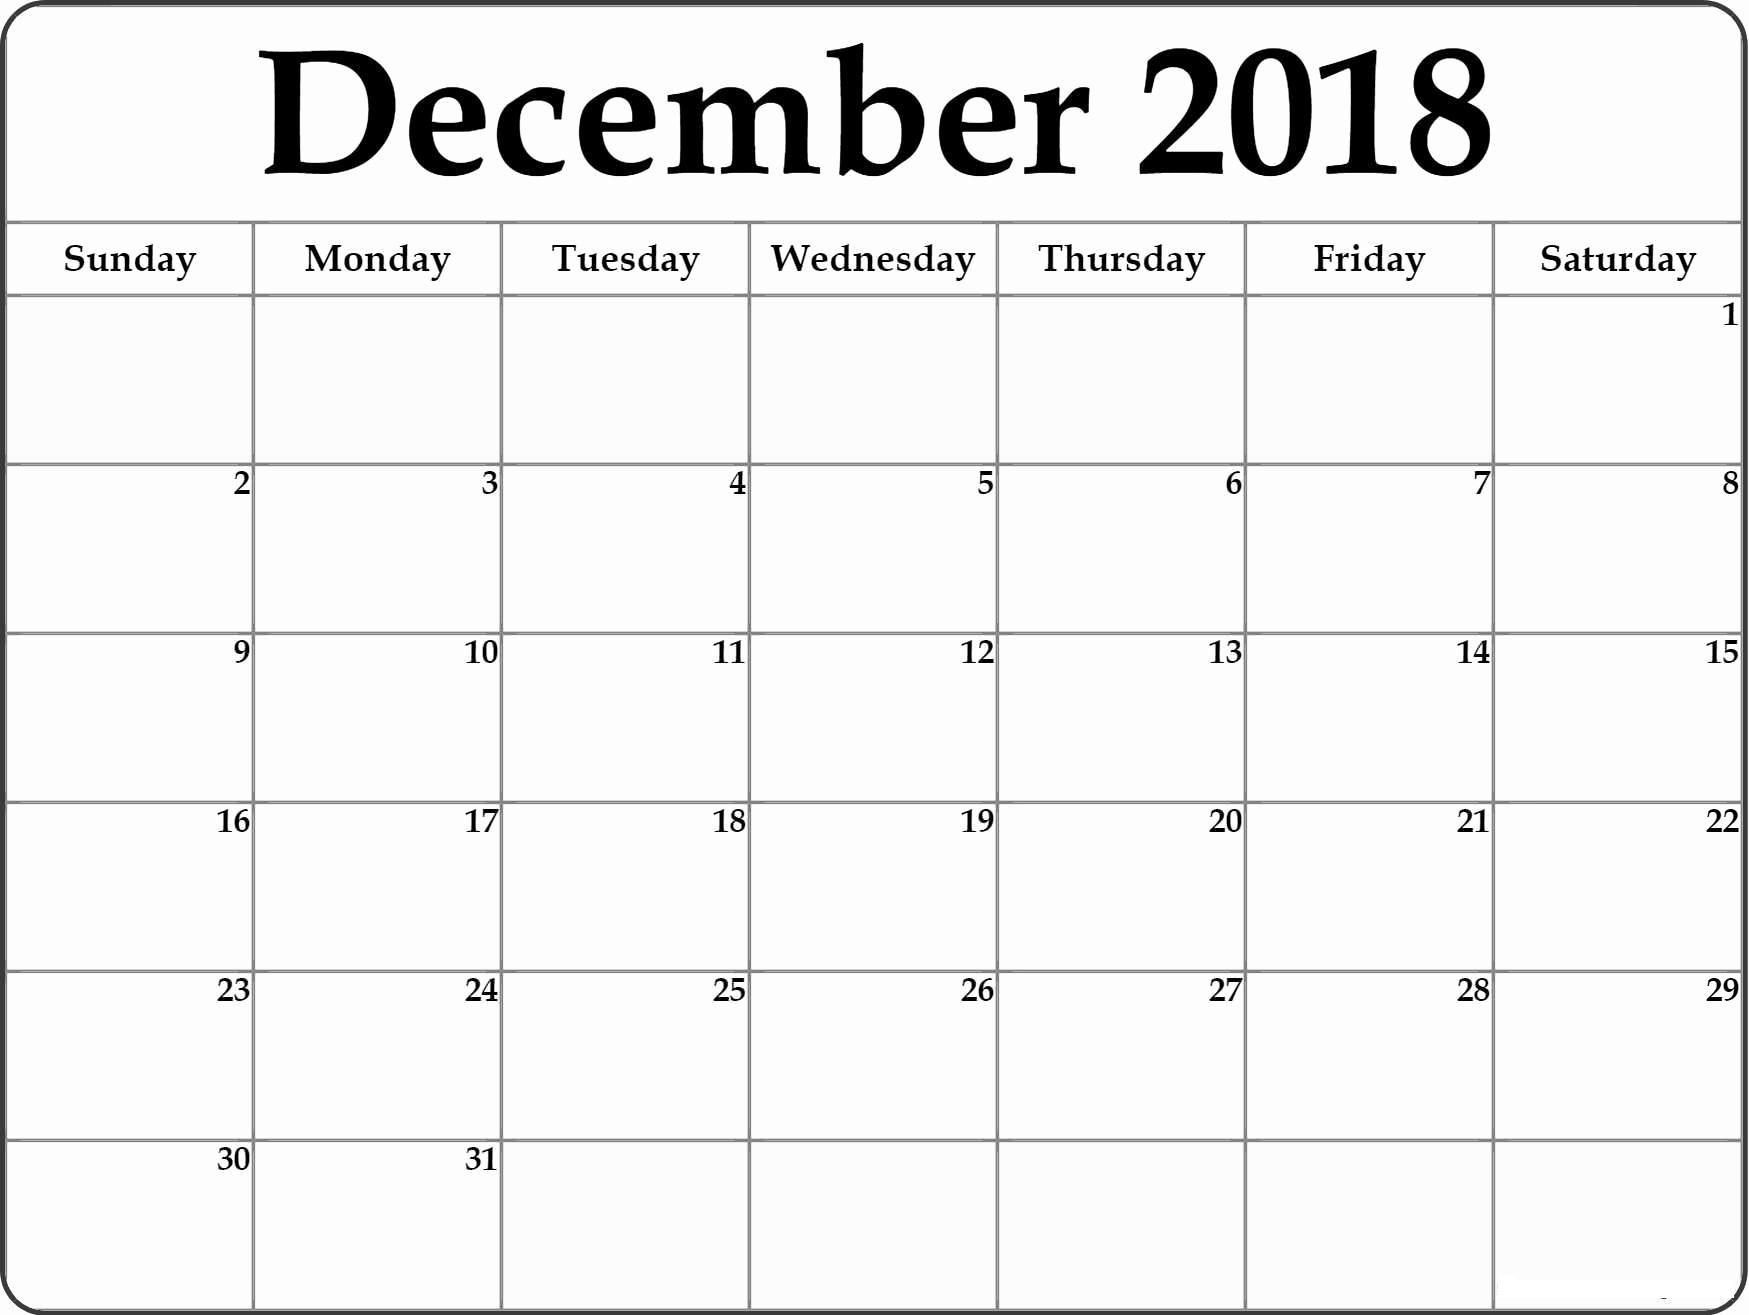 December 2018 Printable Calendar By Month | 2018 December